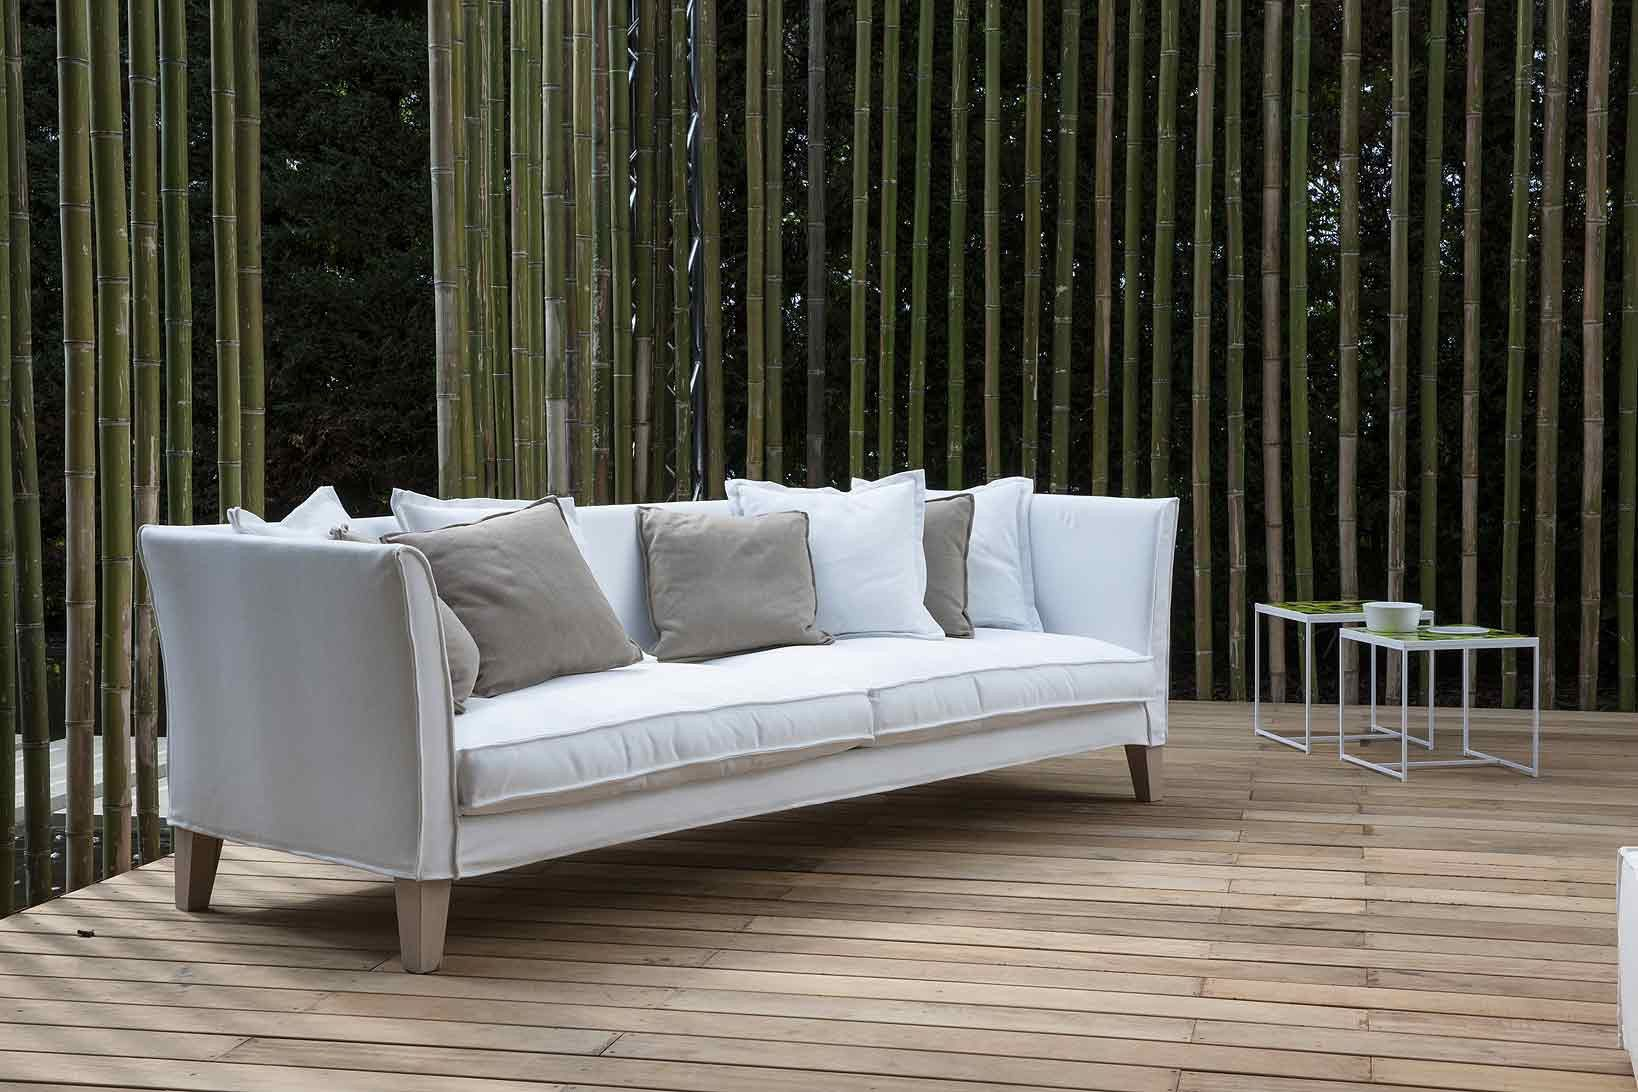 Sofa design by Gatti Ville Venete | Gatti VilleVenete // Outdoor ...